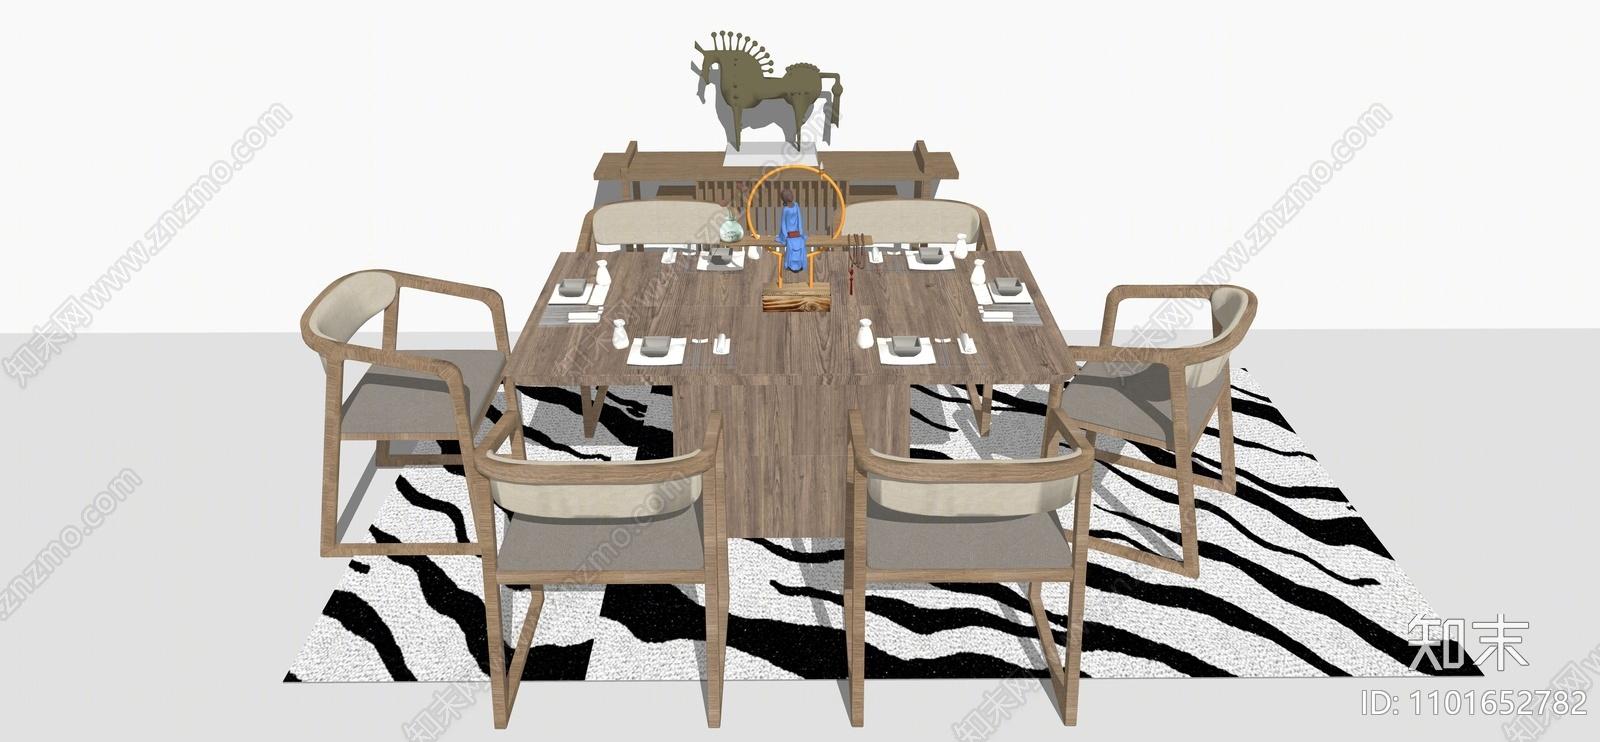 新中式餐桌椅SU模型下载【ID:1101652782】